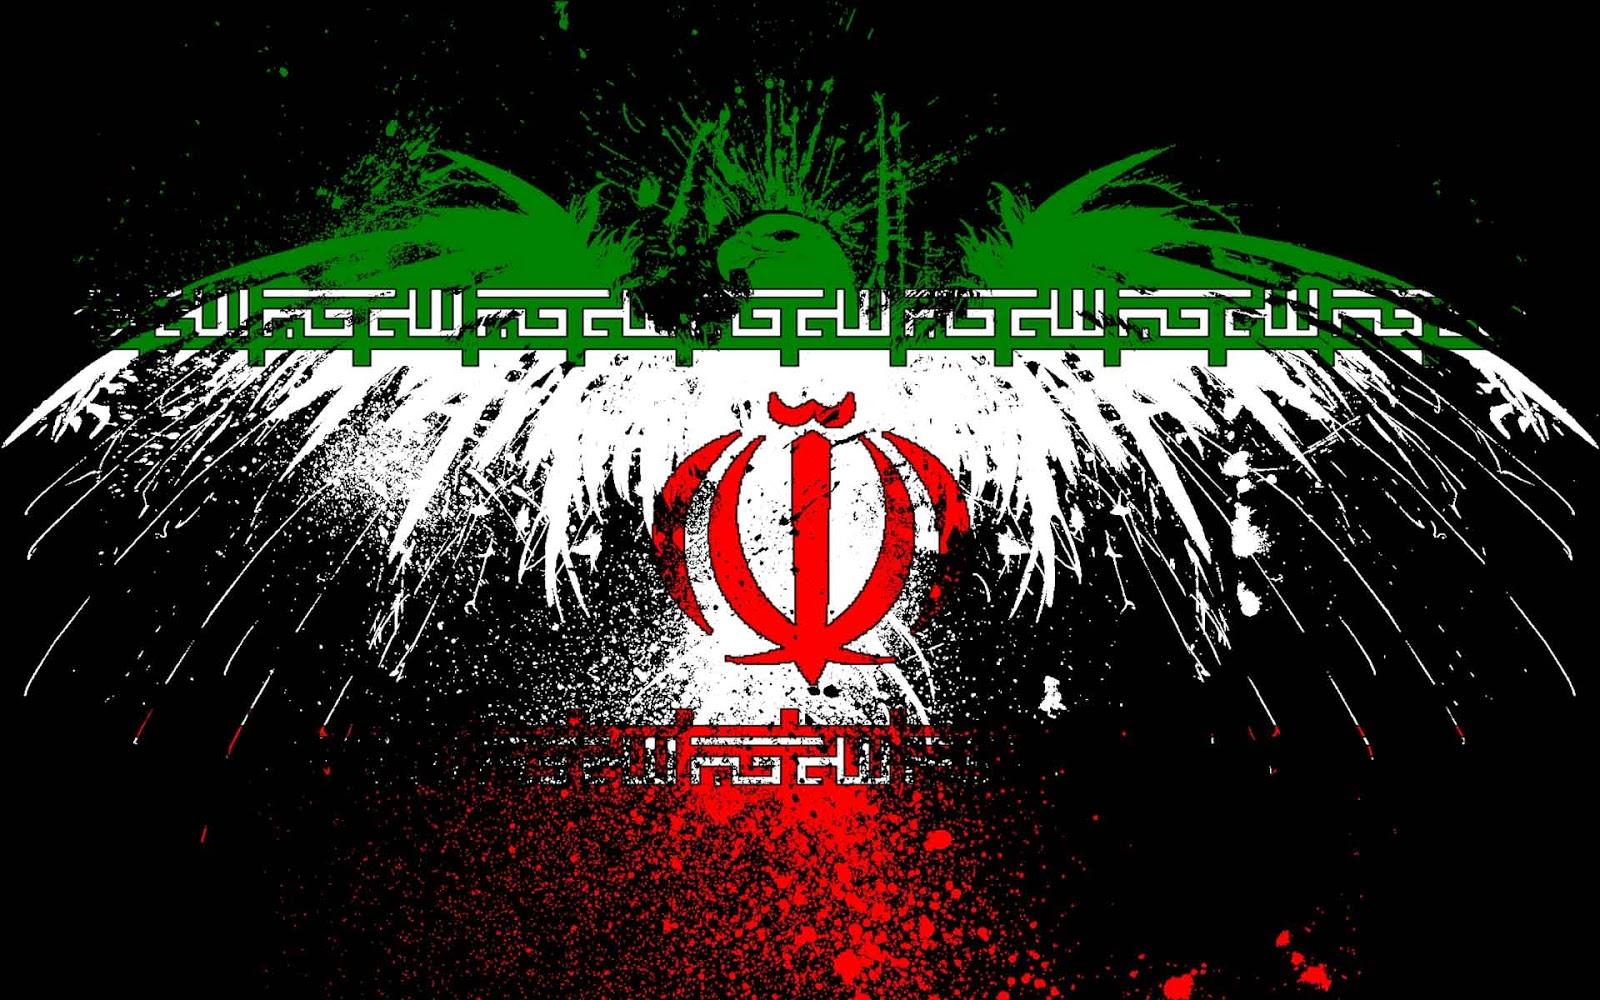 عکس پرچم ایران زیبا